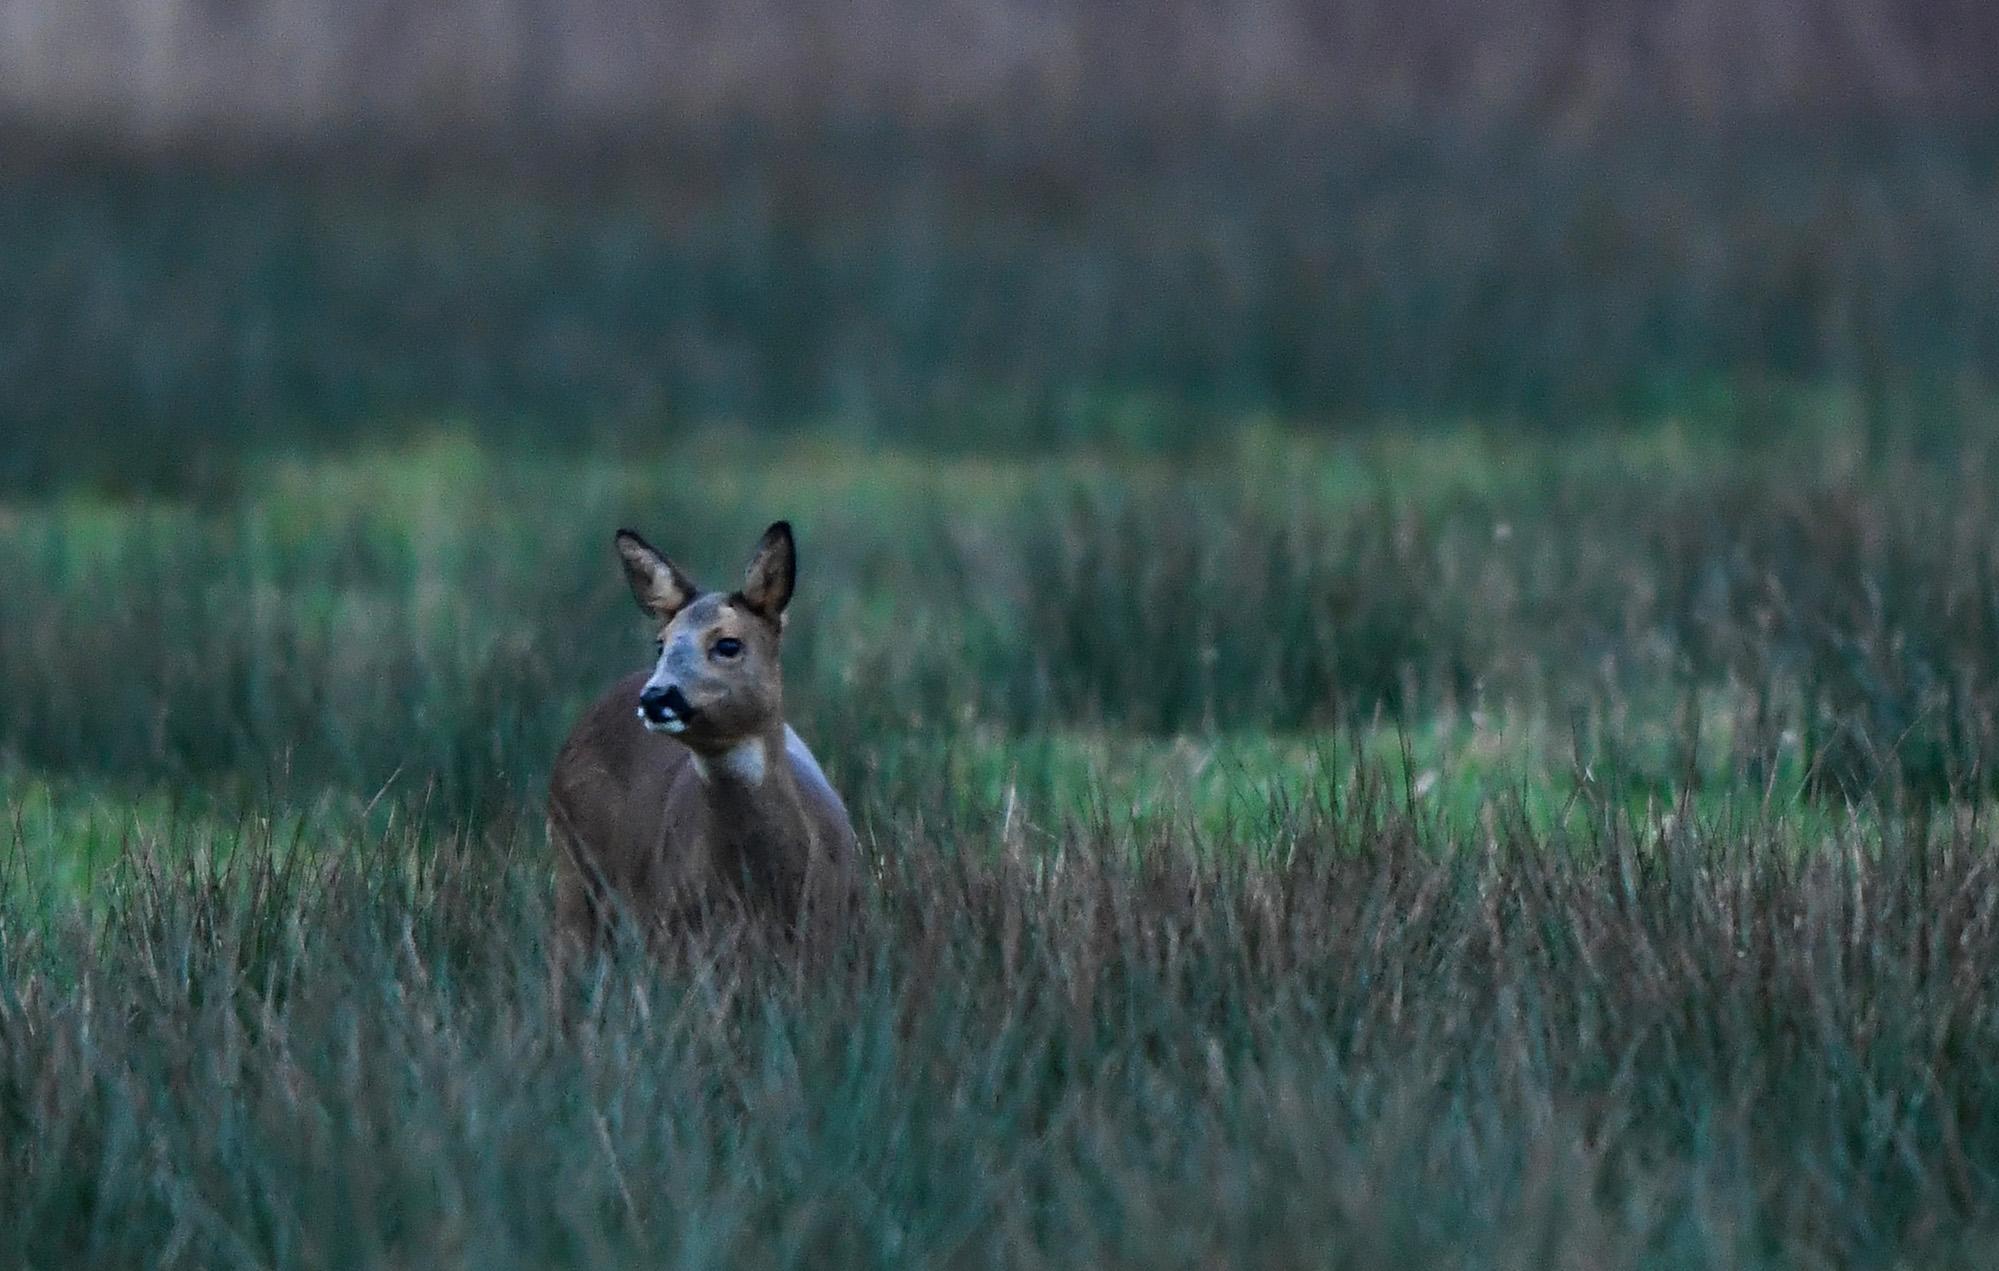 Het duurt niet lang of ook de geit komt tevoorschijn - Foto: ©Louis Fraanje